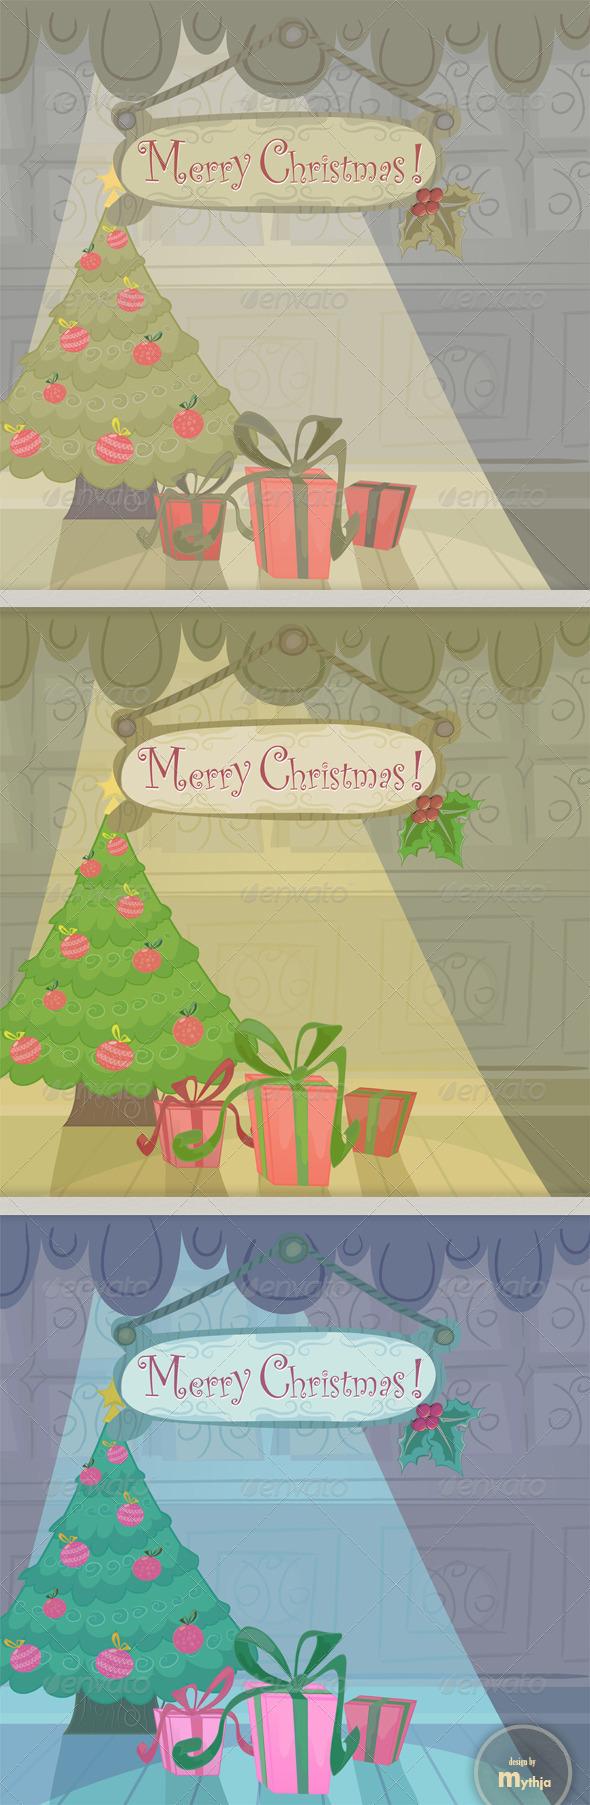 Vector cartoon Christmas cards